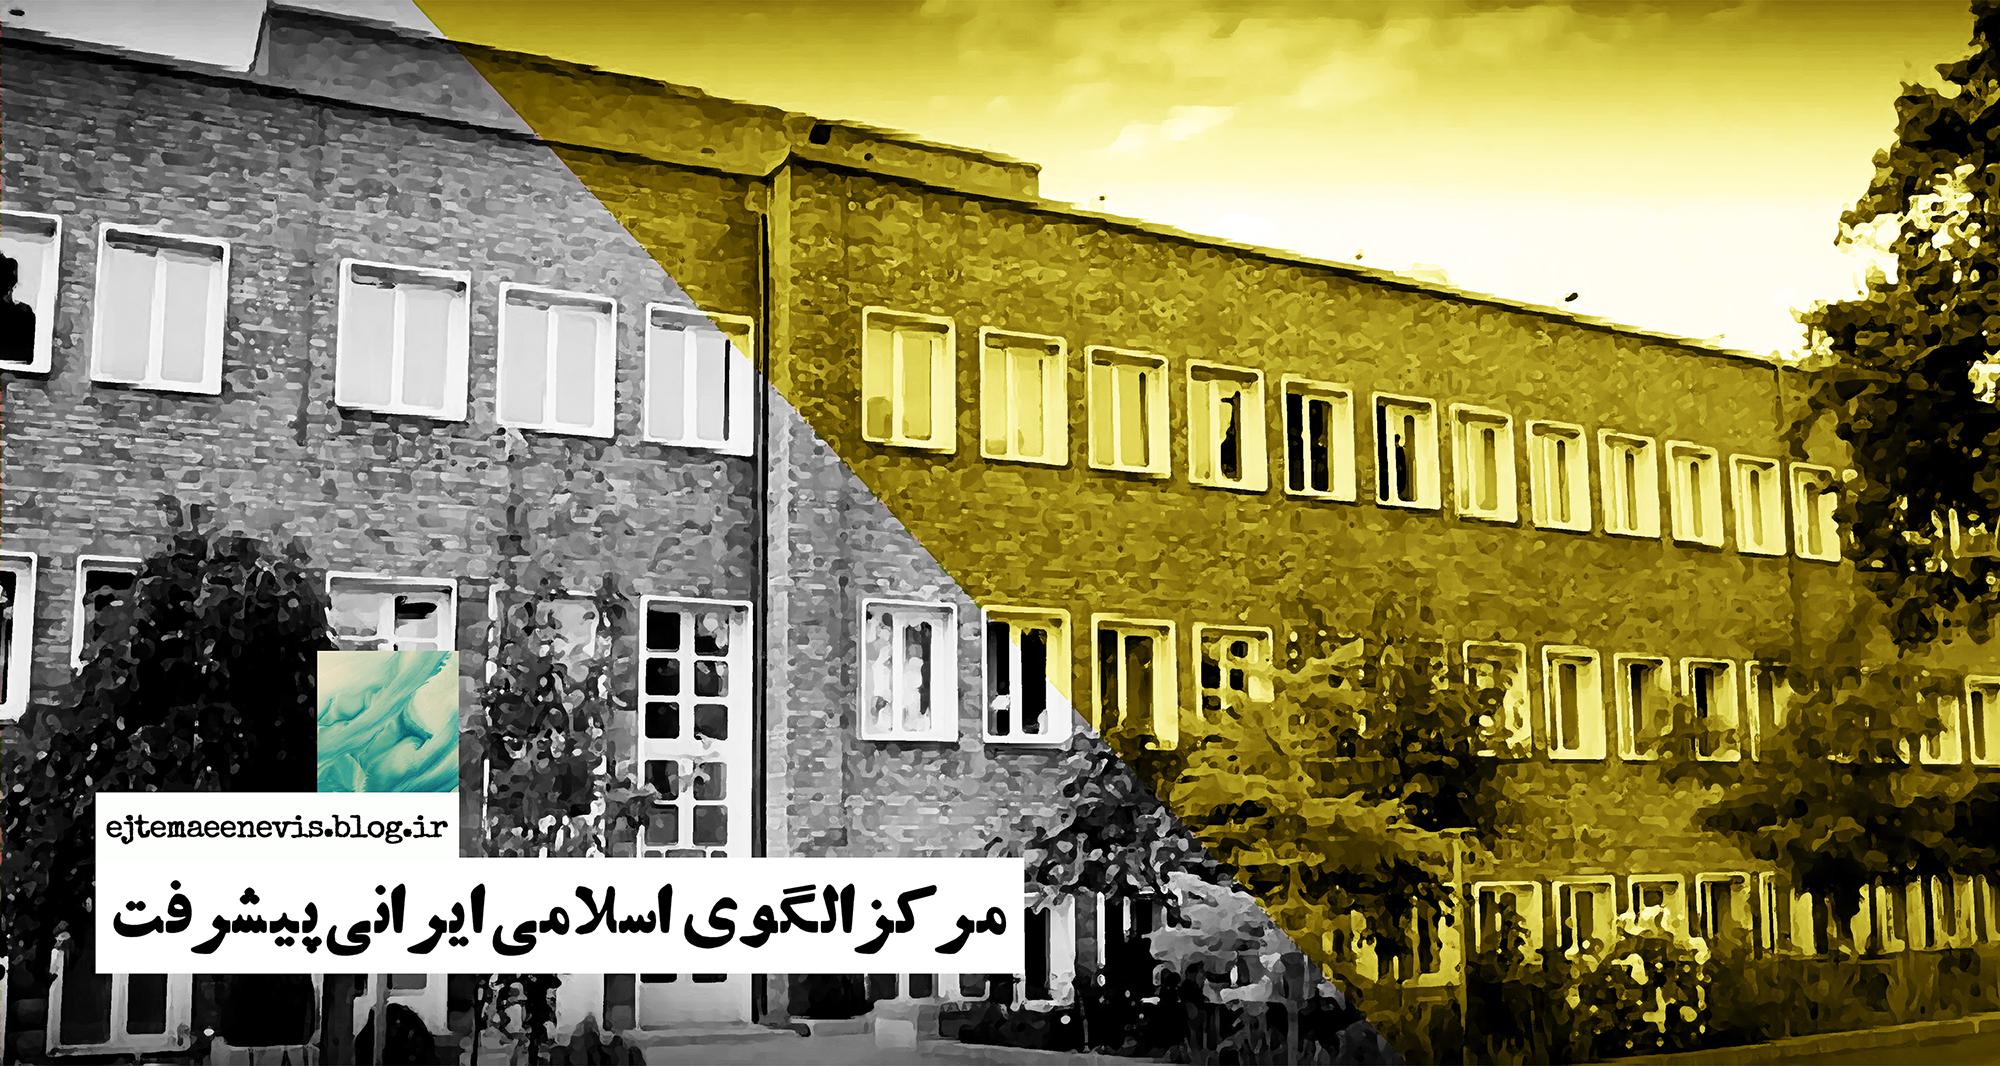 مرکز الگوی اسلامی ایرانی پیشرفت